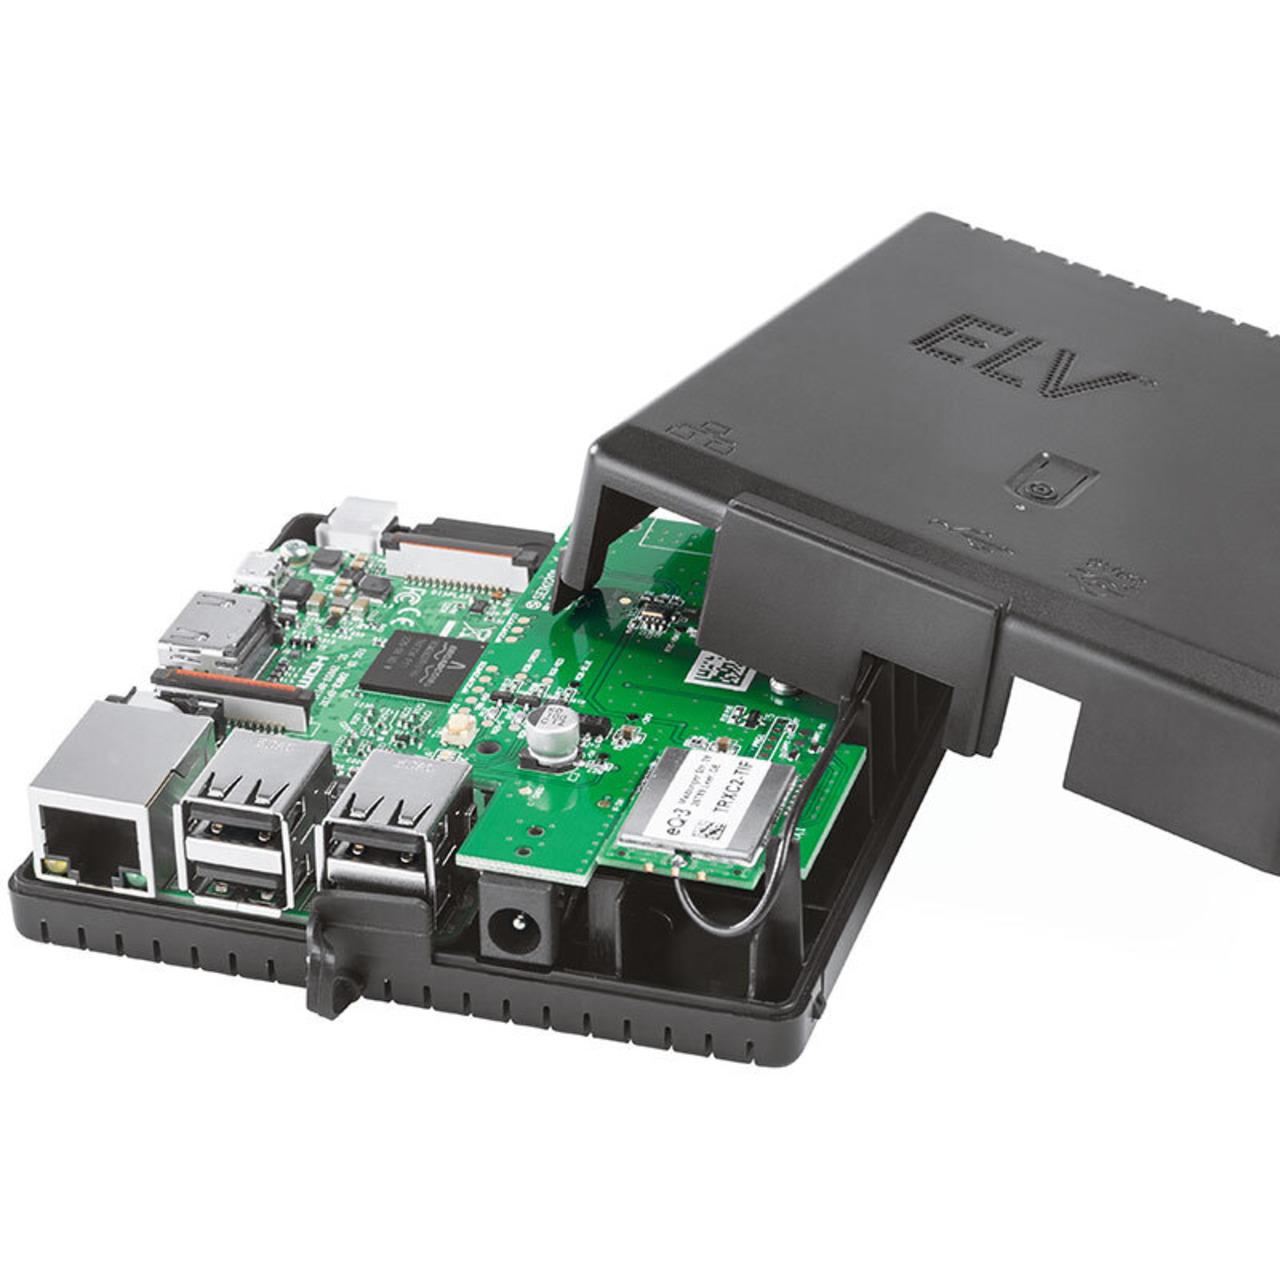 ELV Bausatz Smart Home Funk-Modulplatine für Raspberry Pi 3 B- RPI-RF-MOD